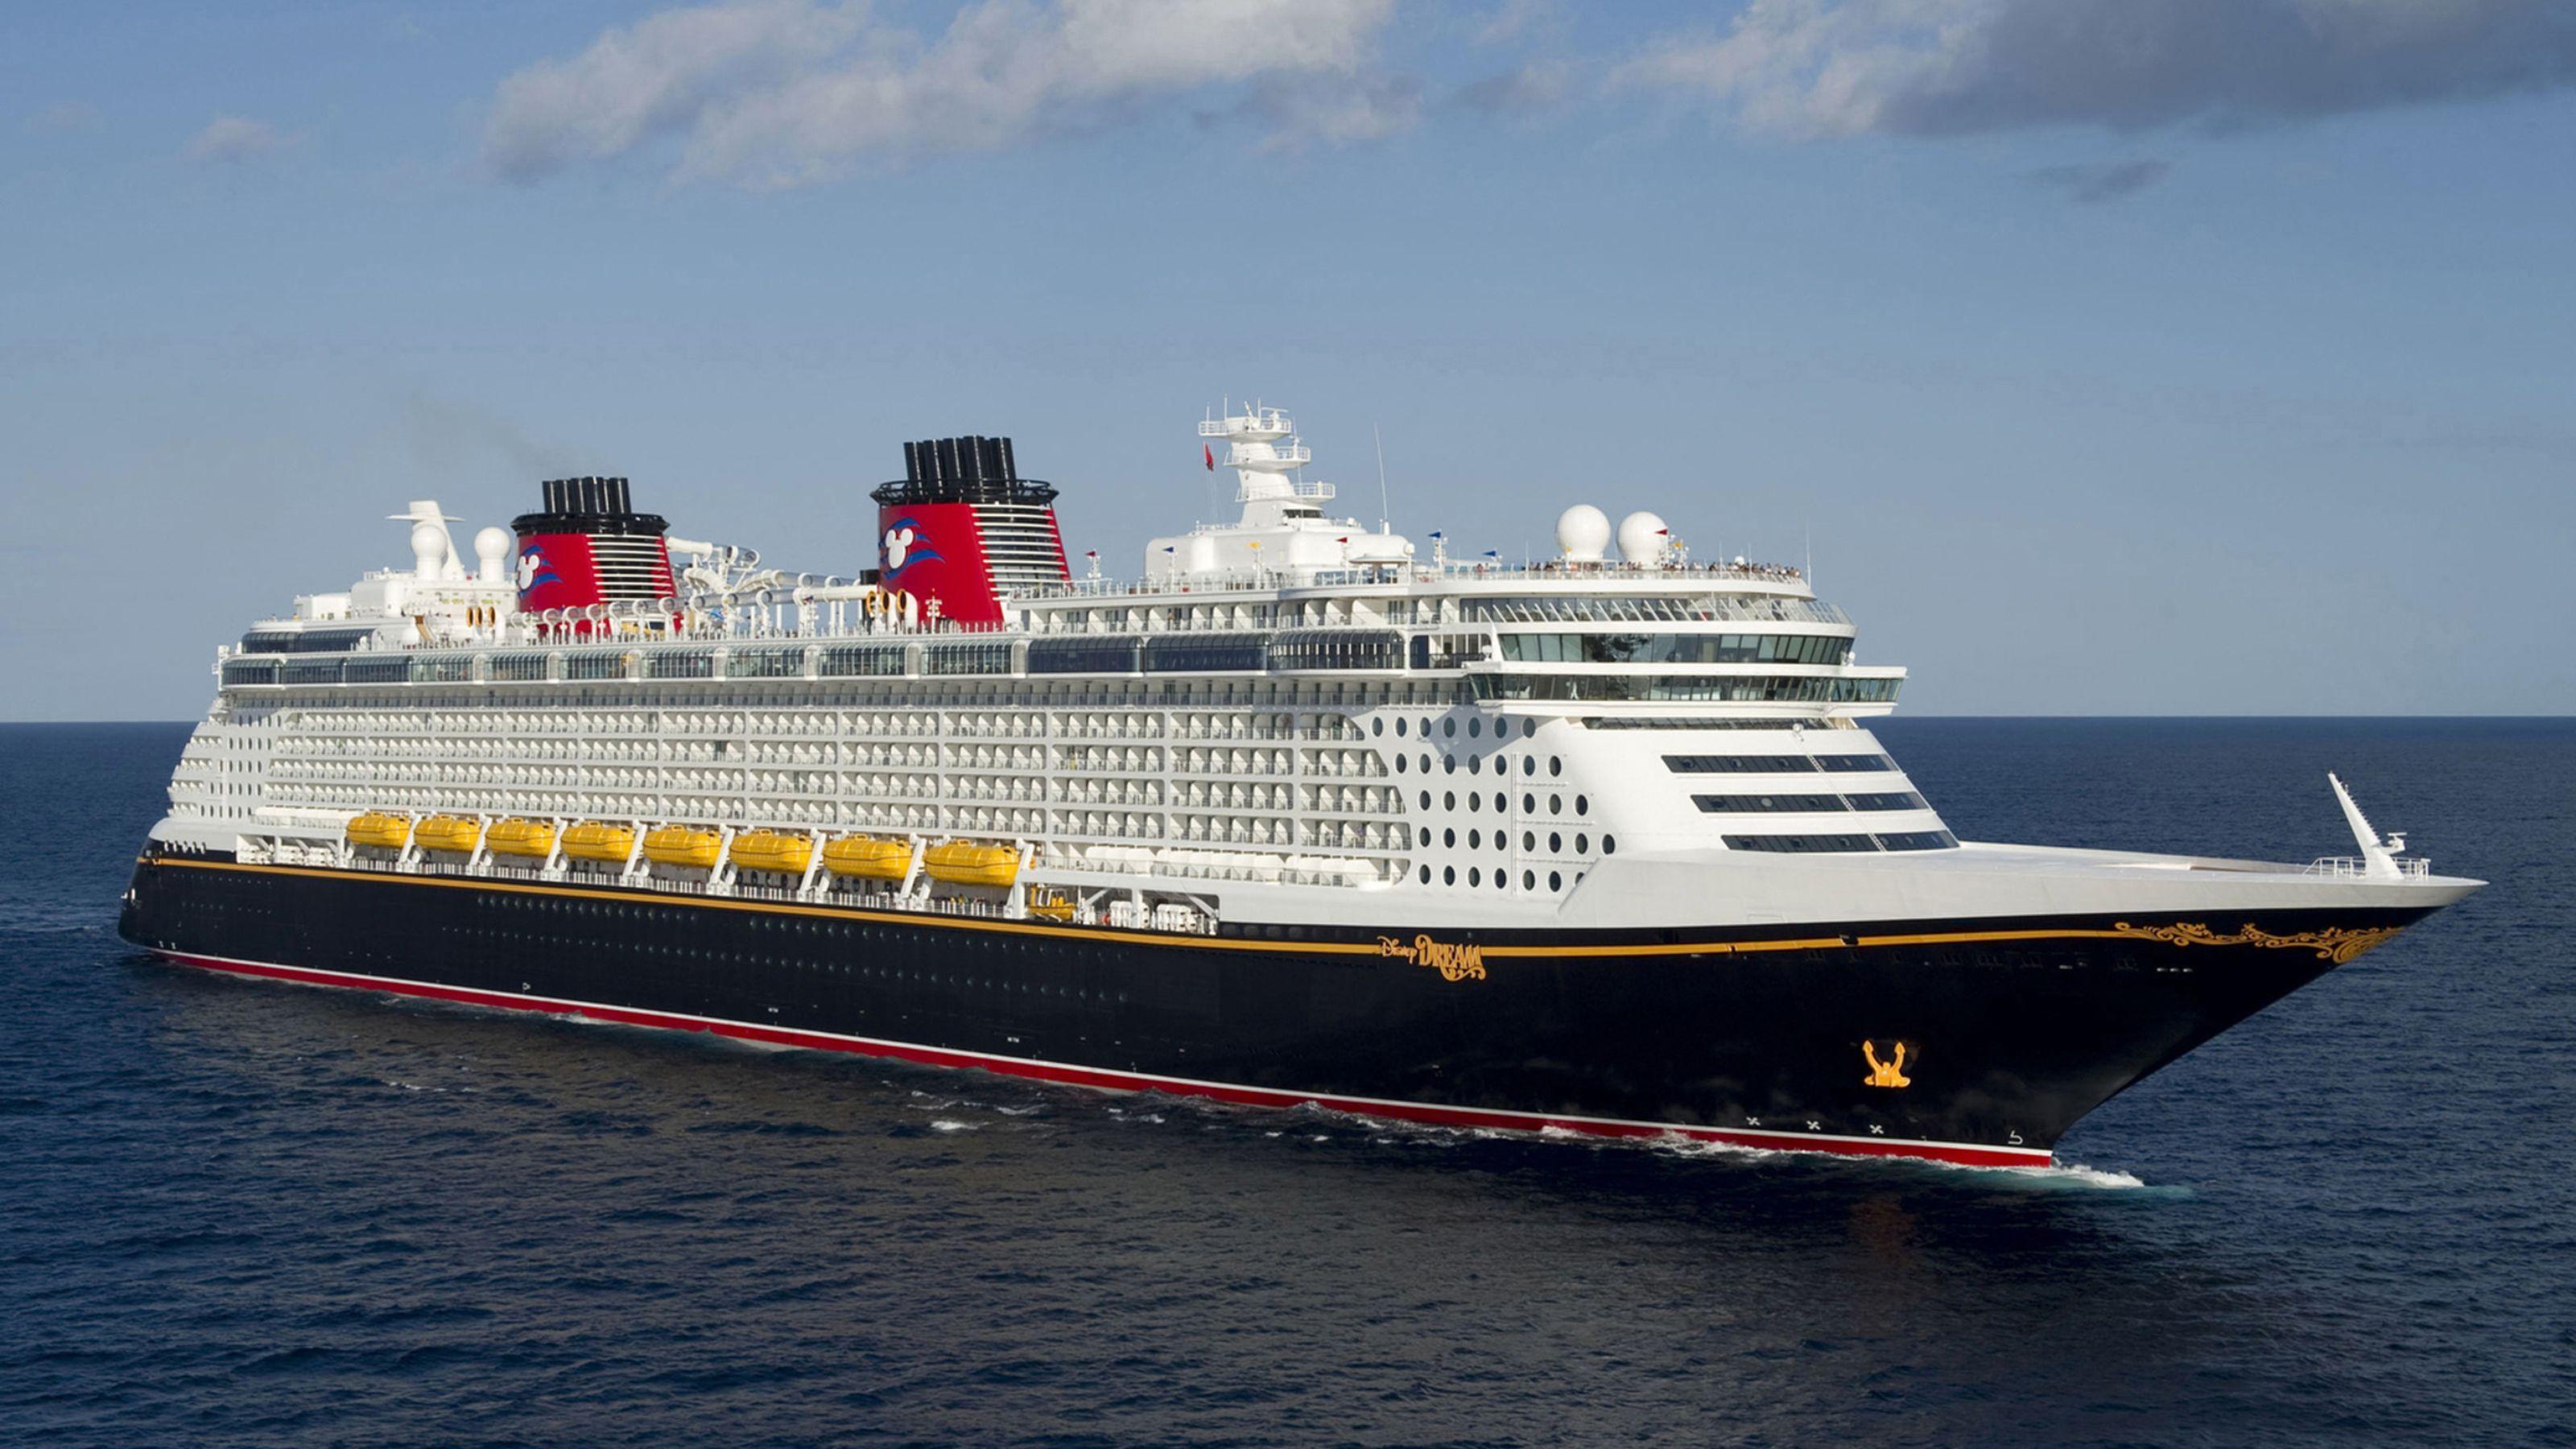 Cruise Ship Disney Dream Fondo De Pantalla Hd Fondo De